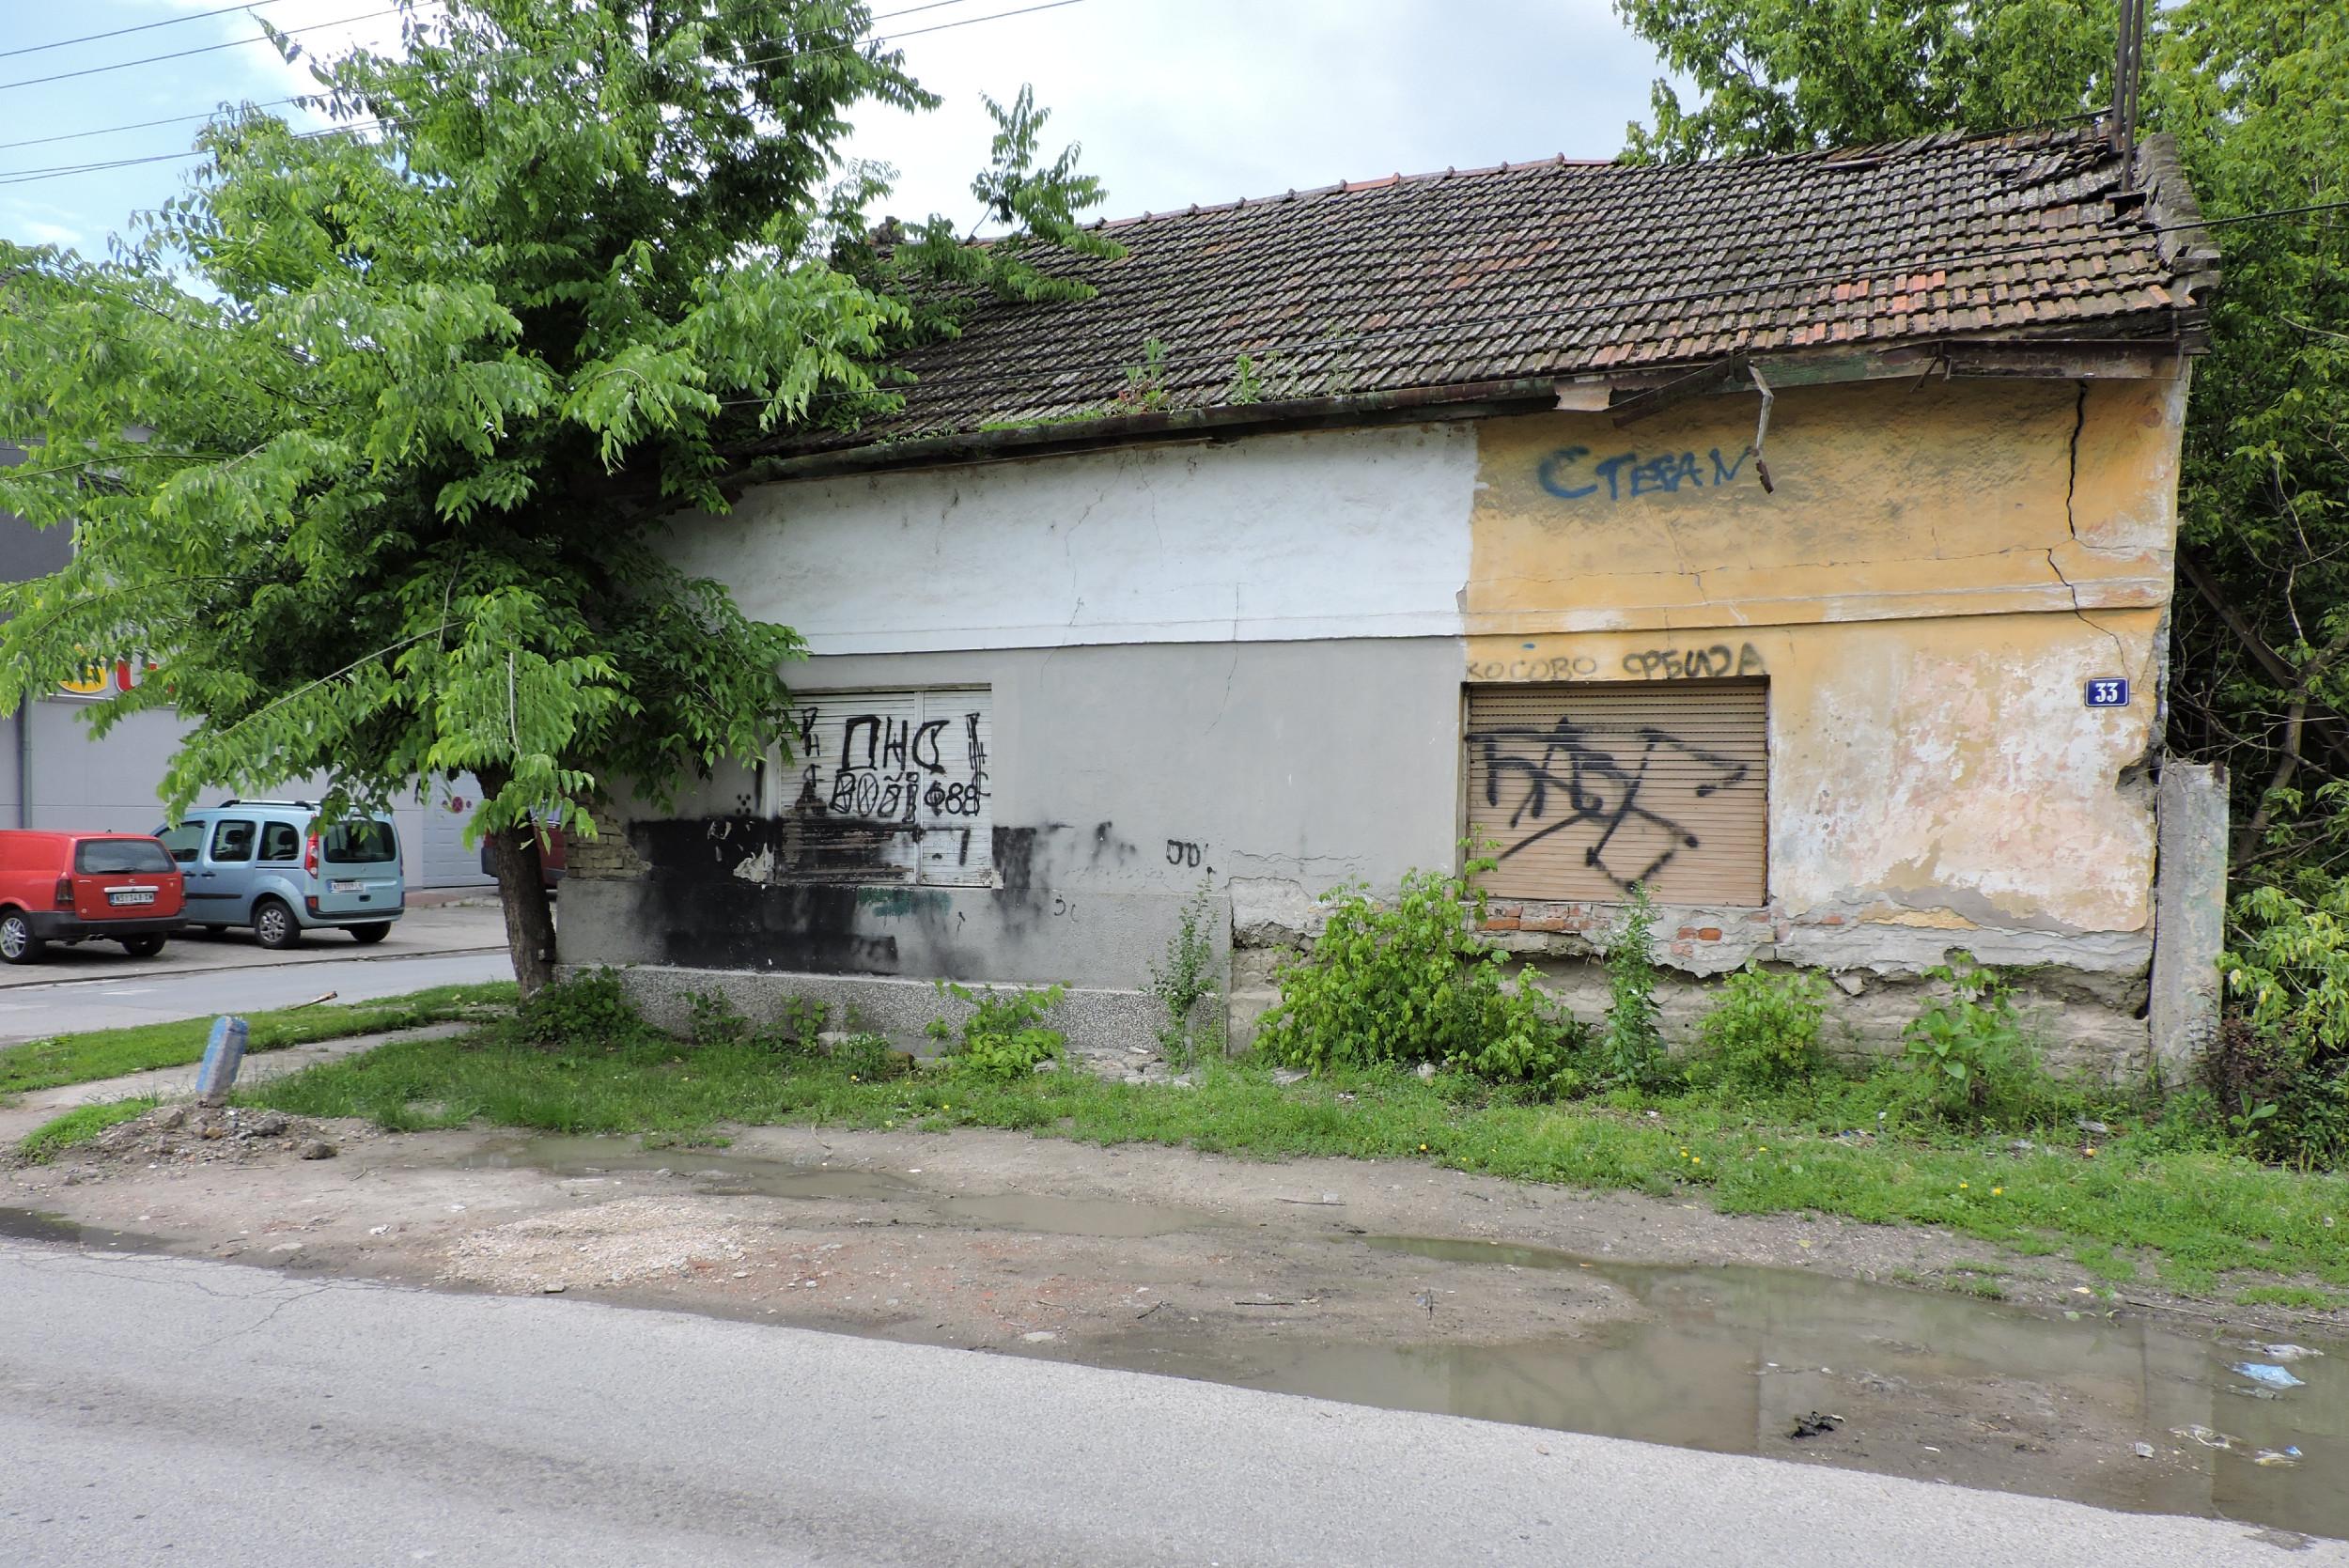 Кућа из које су на стрељање изведени чланови породице Перић (Фото: Ђорђе Србуловић/Нови Стандард)